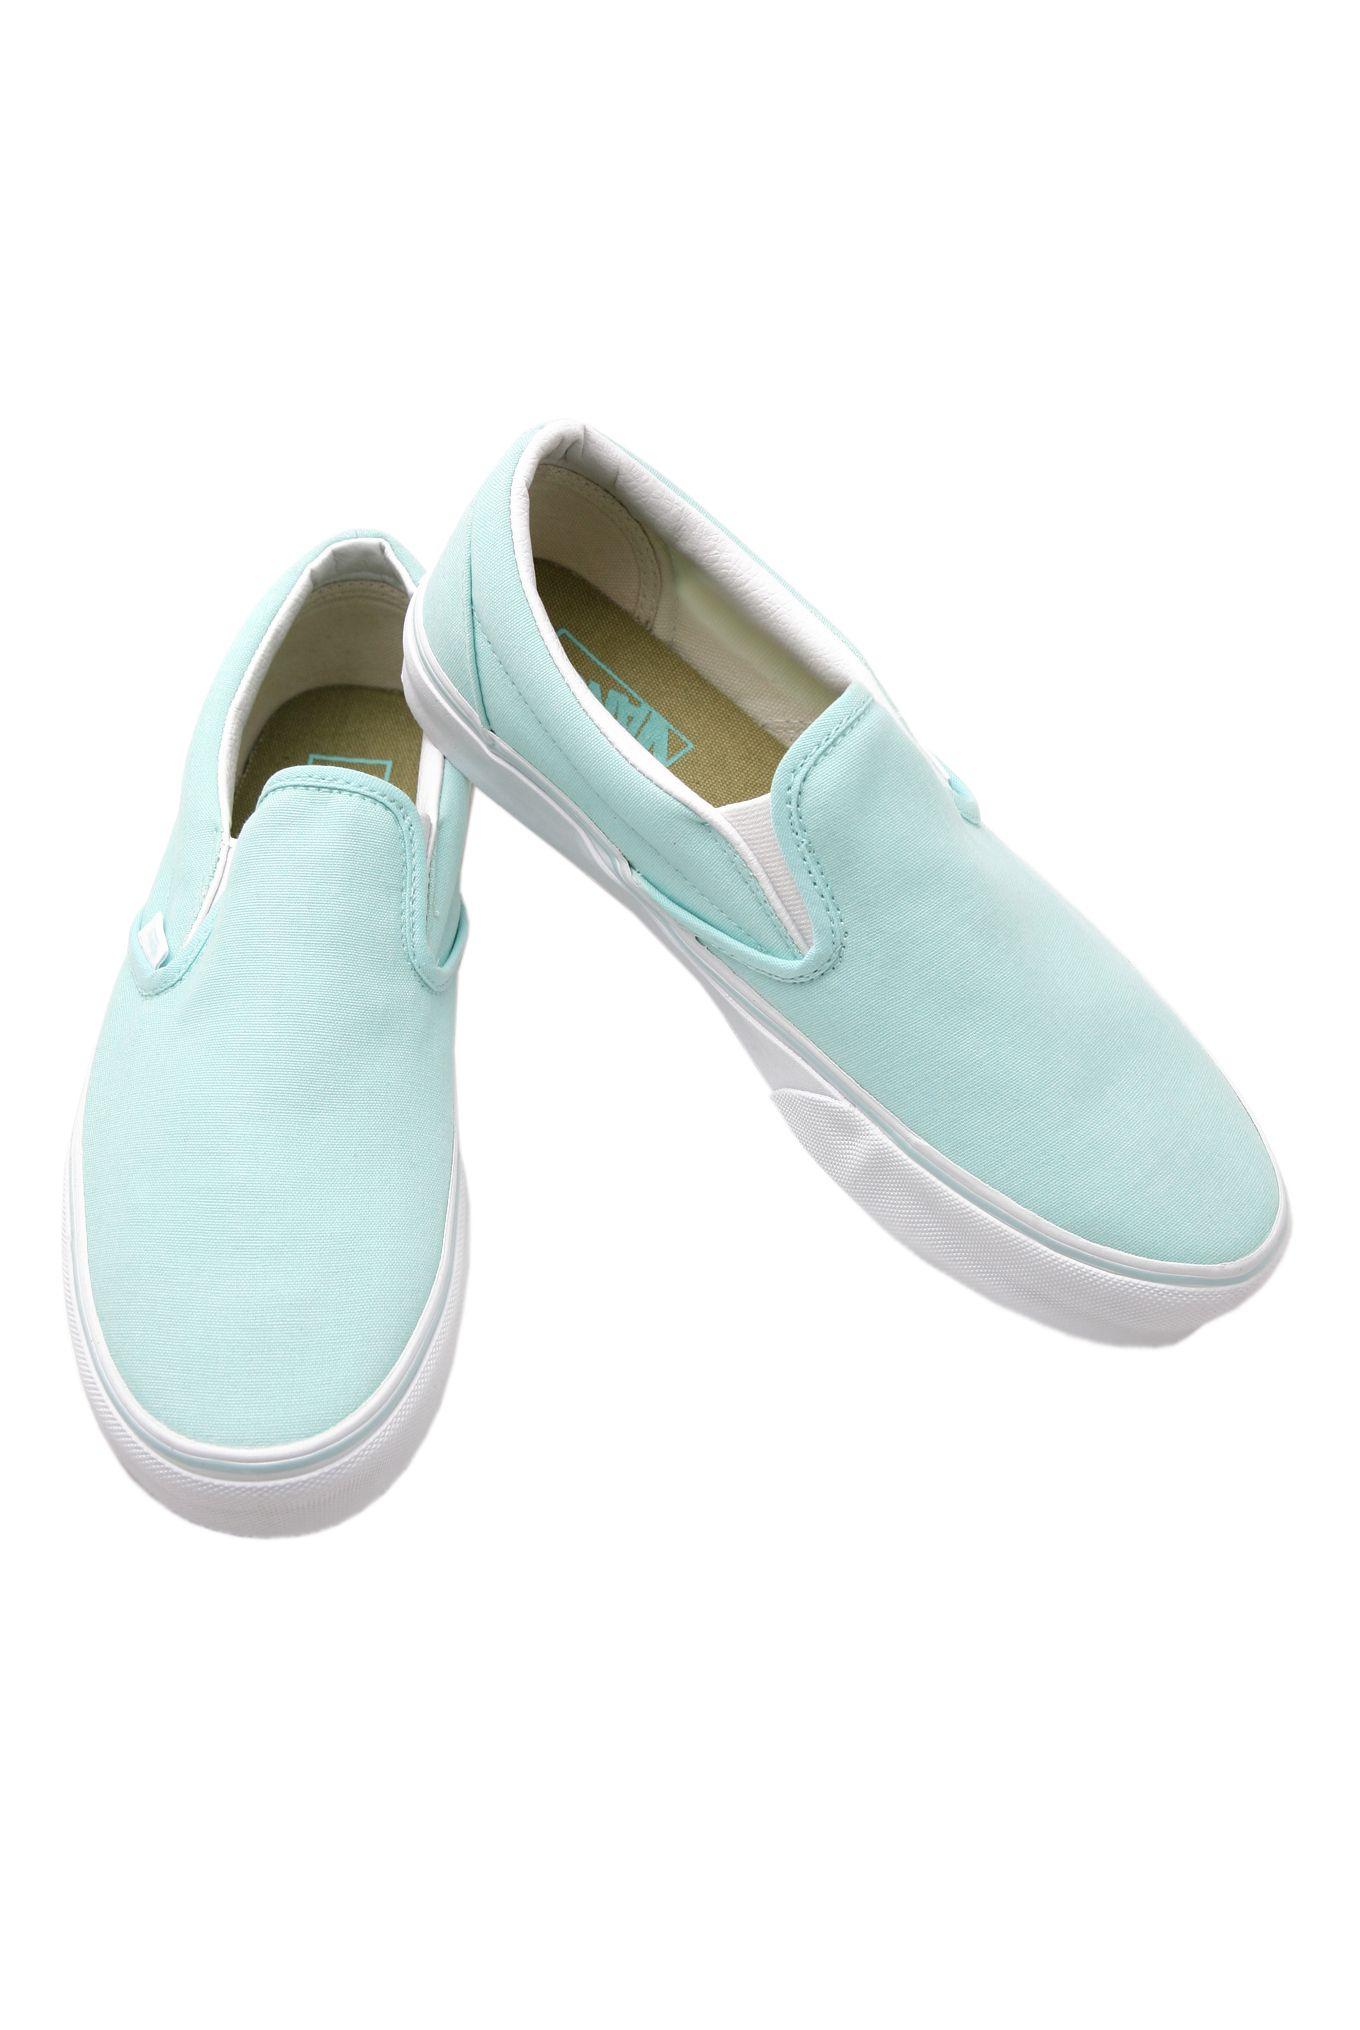 Vans Mint Slip-Ons | Slip on, Cute vans